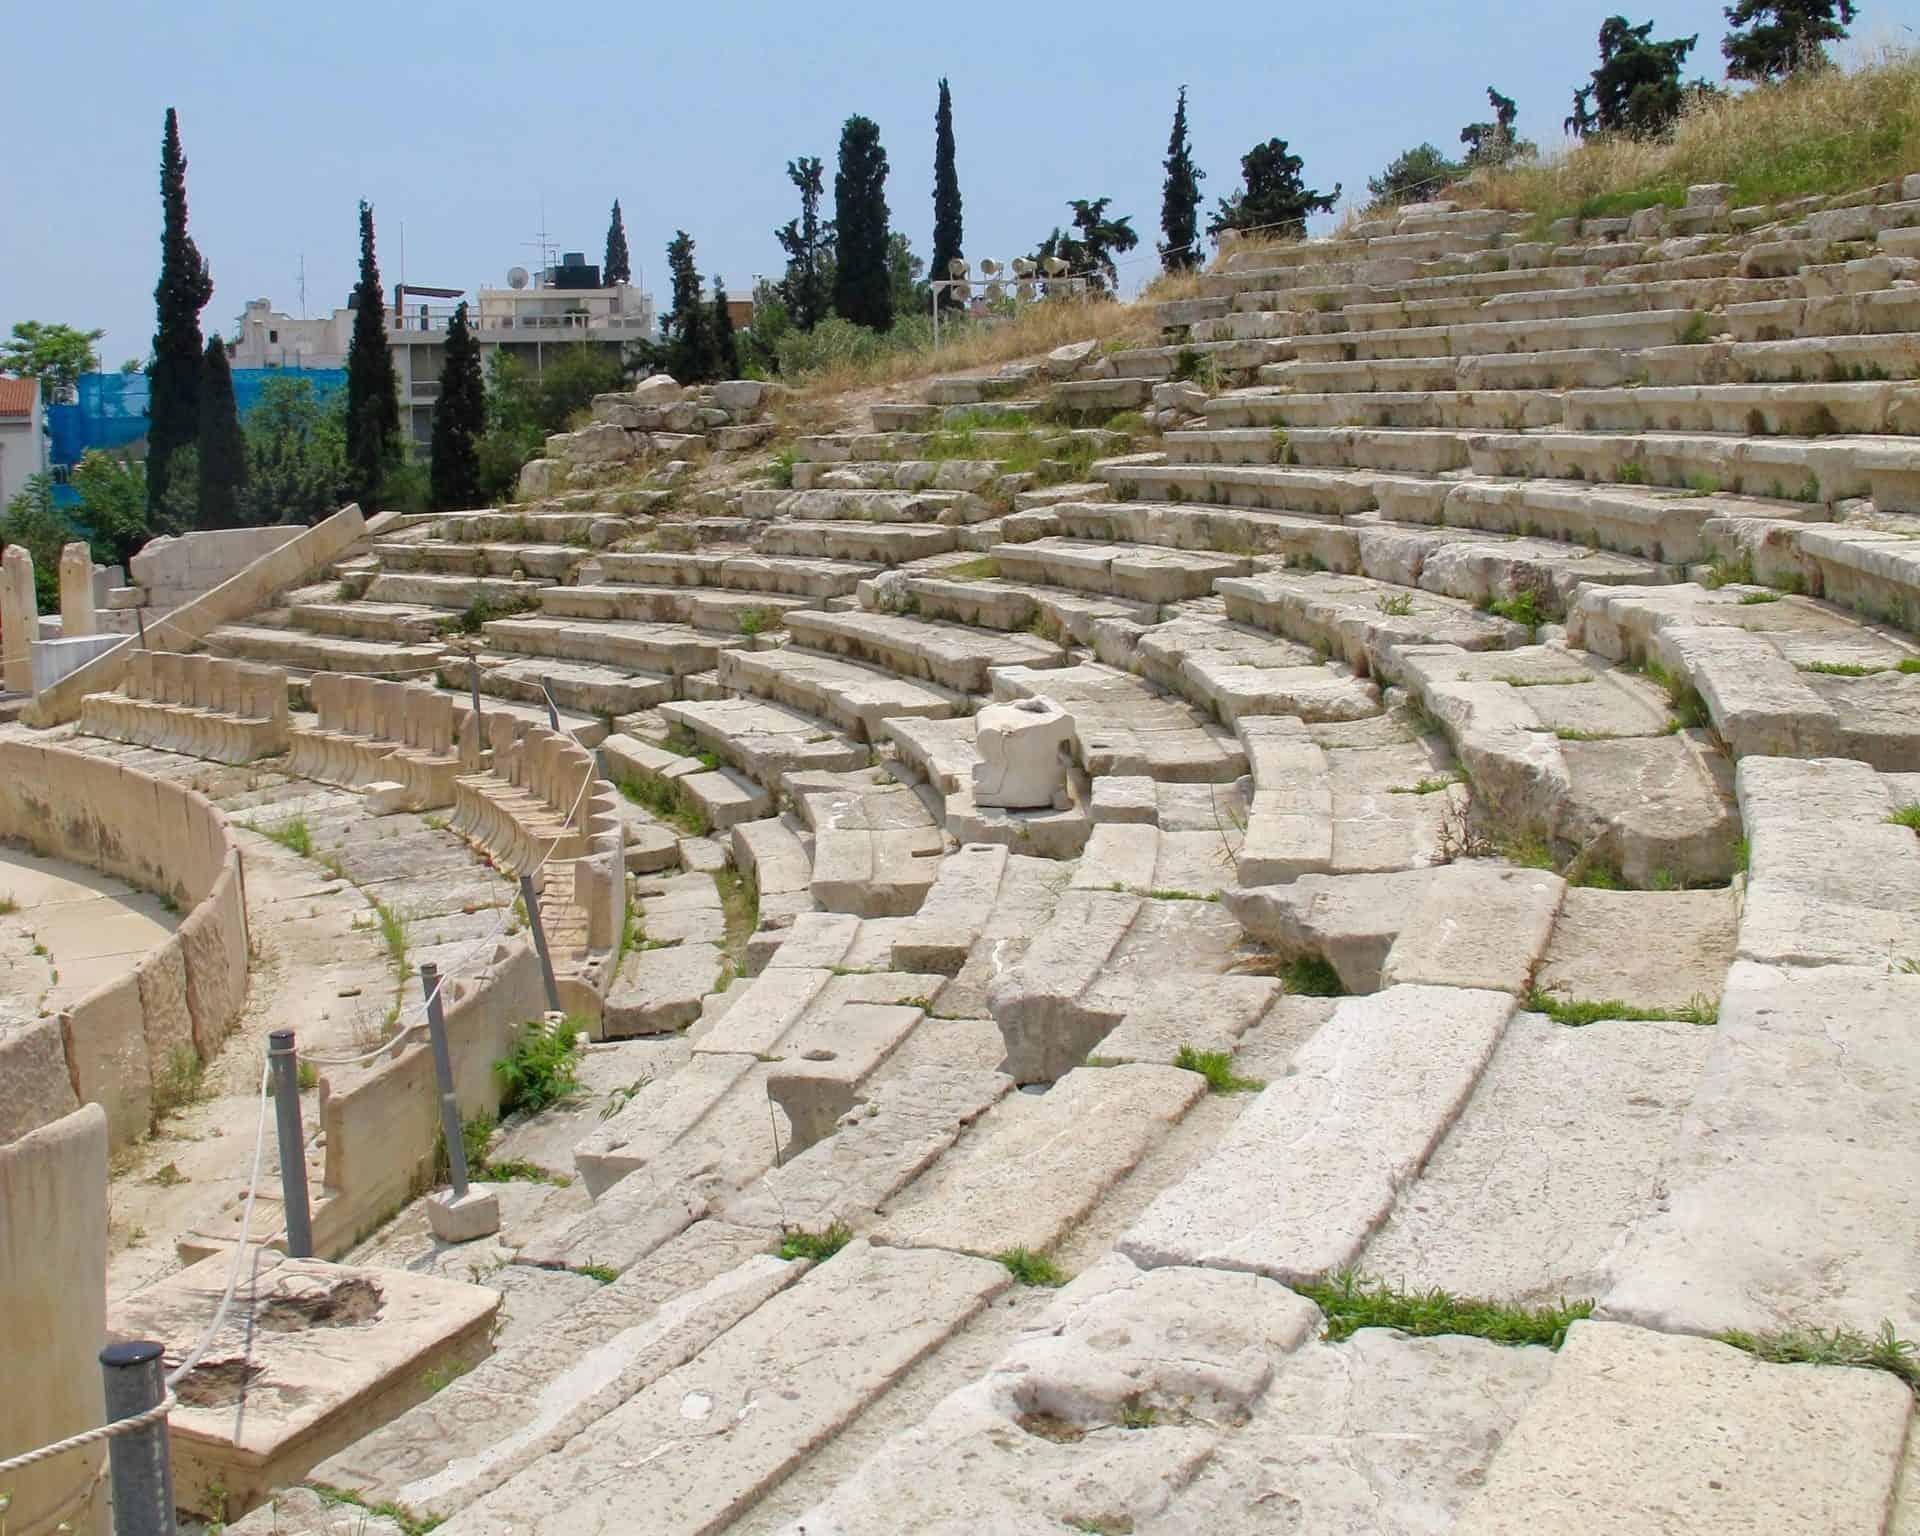 athens_acropolis24-Theatre-of-Dionysos-37.97081, 23.7275